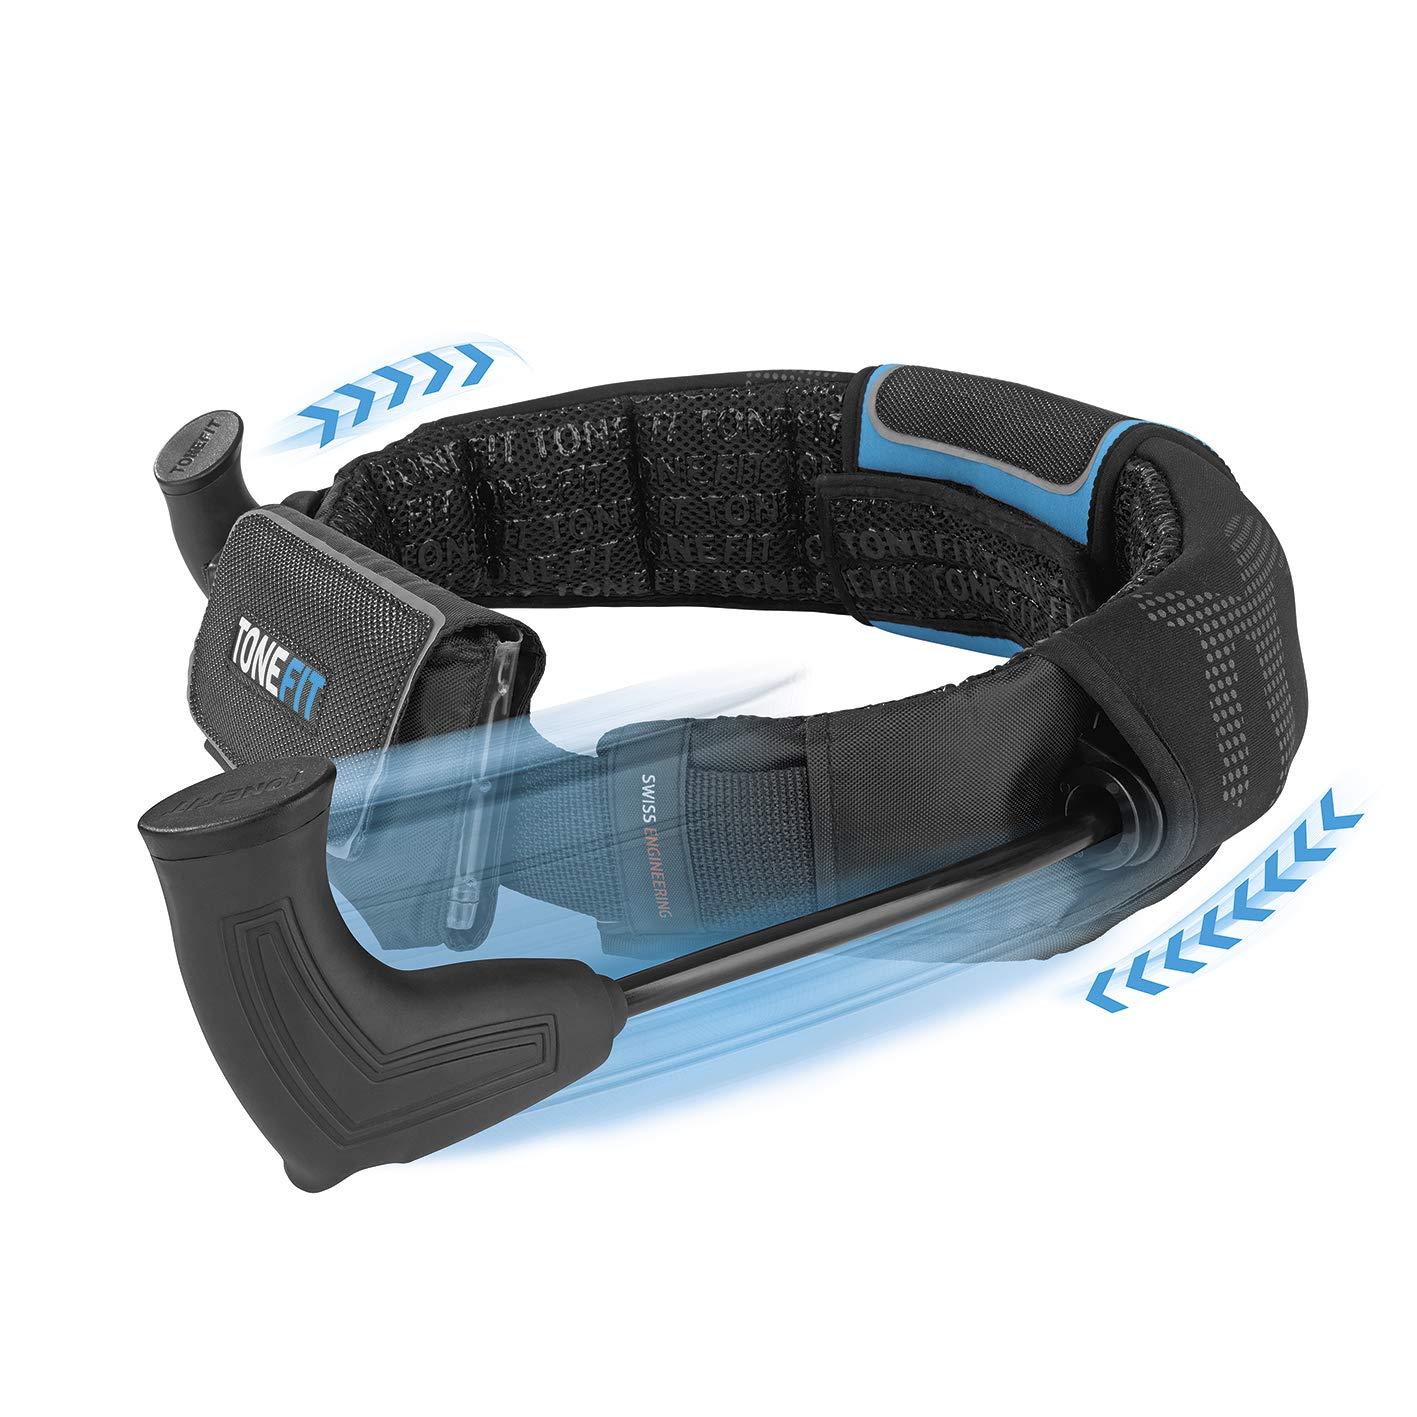 ToneFit Unisex – Erwachsene aus: Der Höhle der Löwen Fitnessgürtel für einfaches Ganzkörpertraining